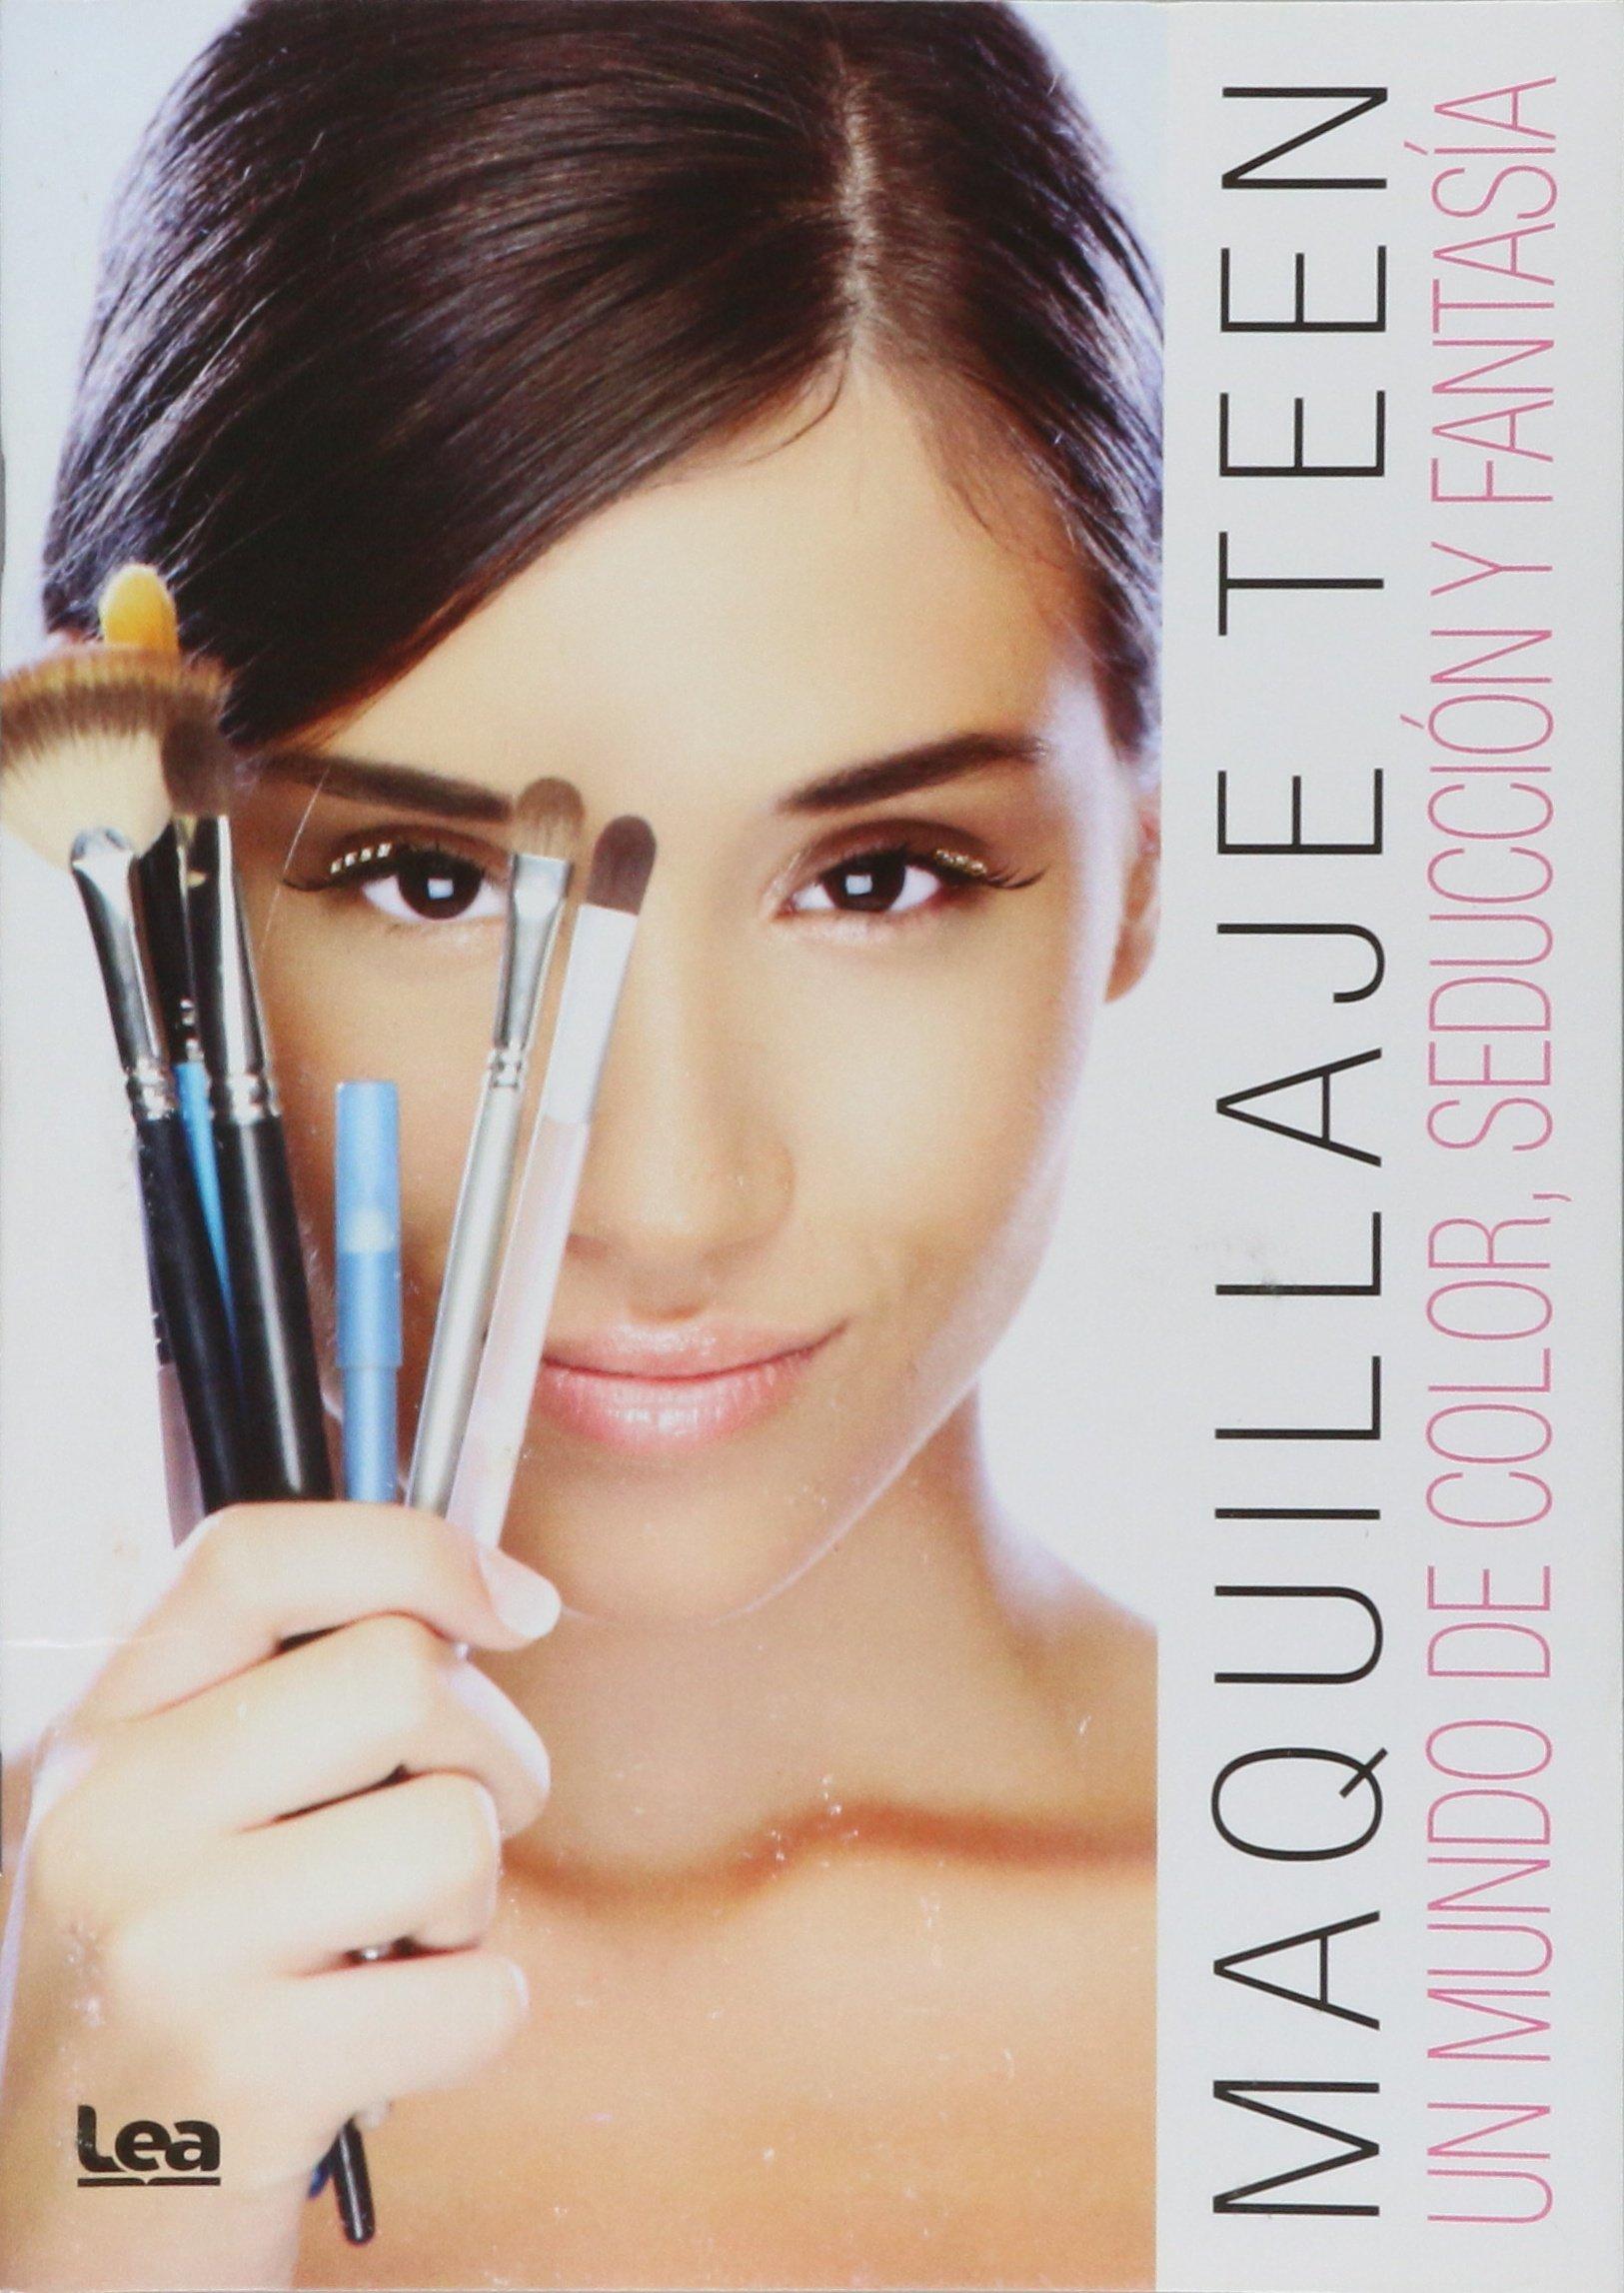 Maquillaje Teen: Un Mundo de Color Seducción Y Fantasía